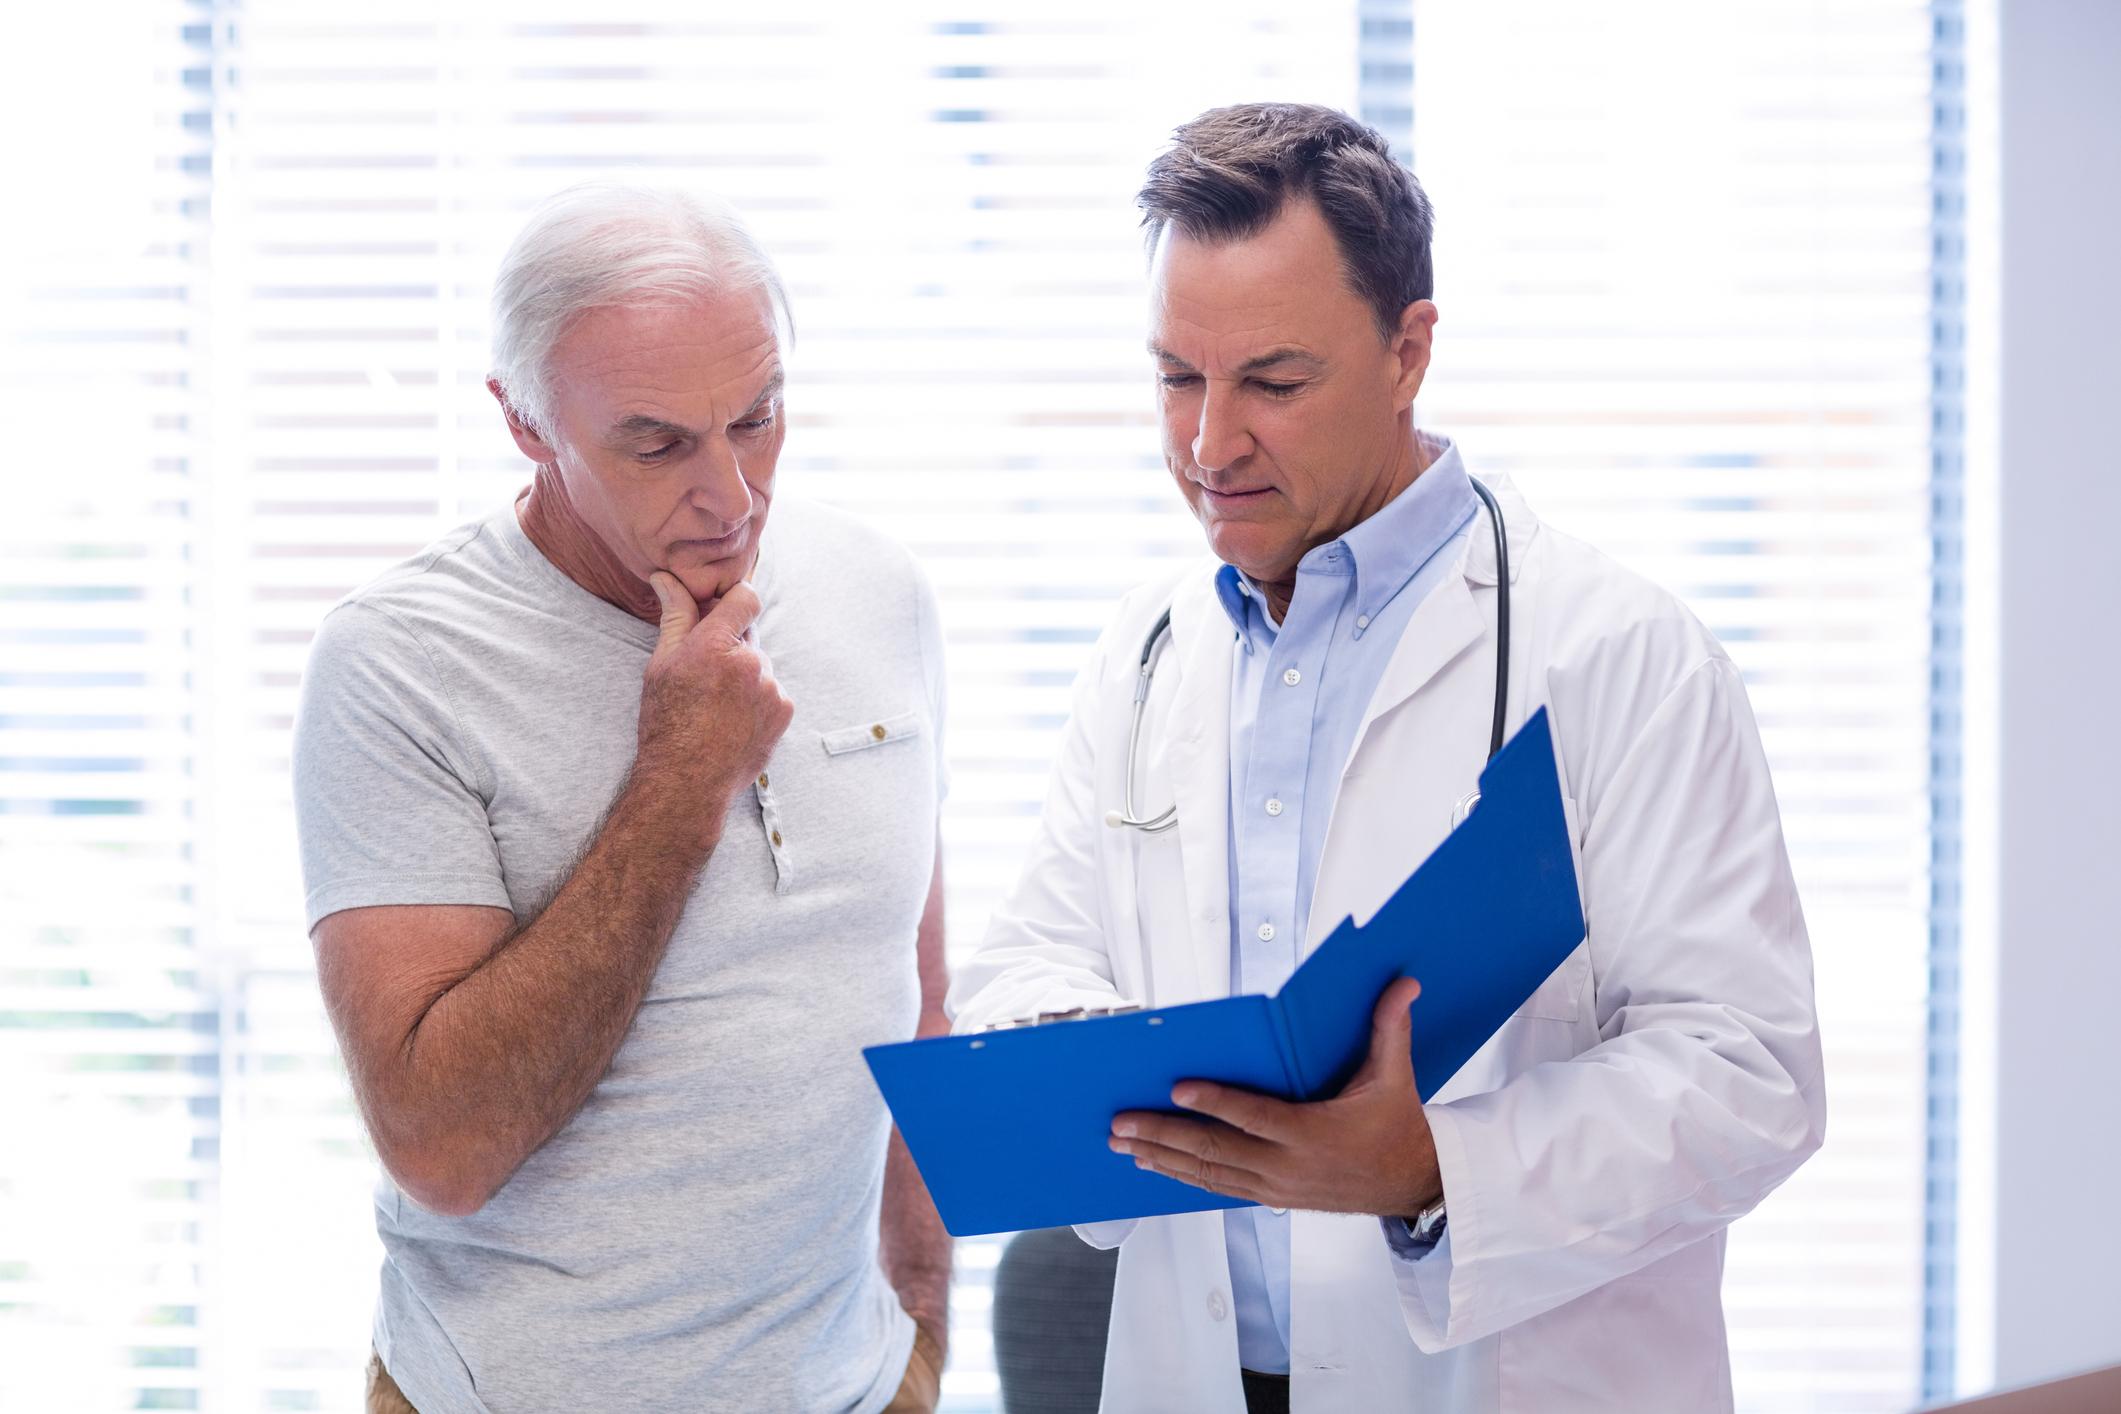 Médico explicando laudo para o paciente